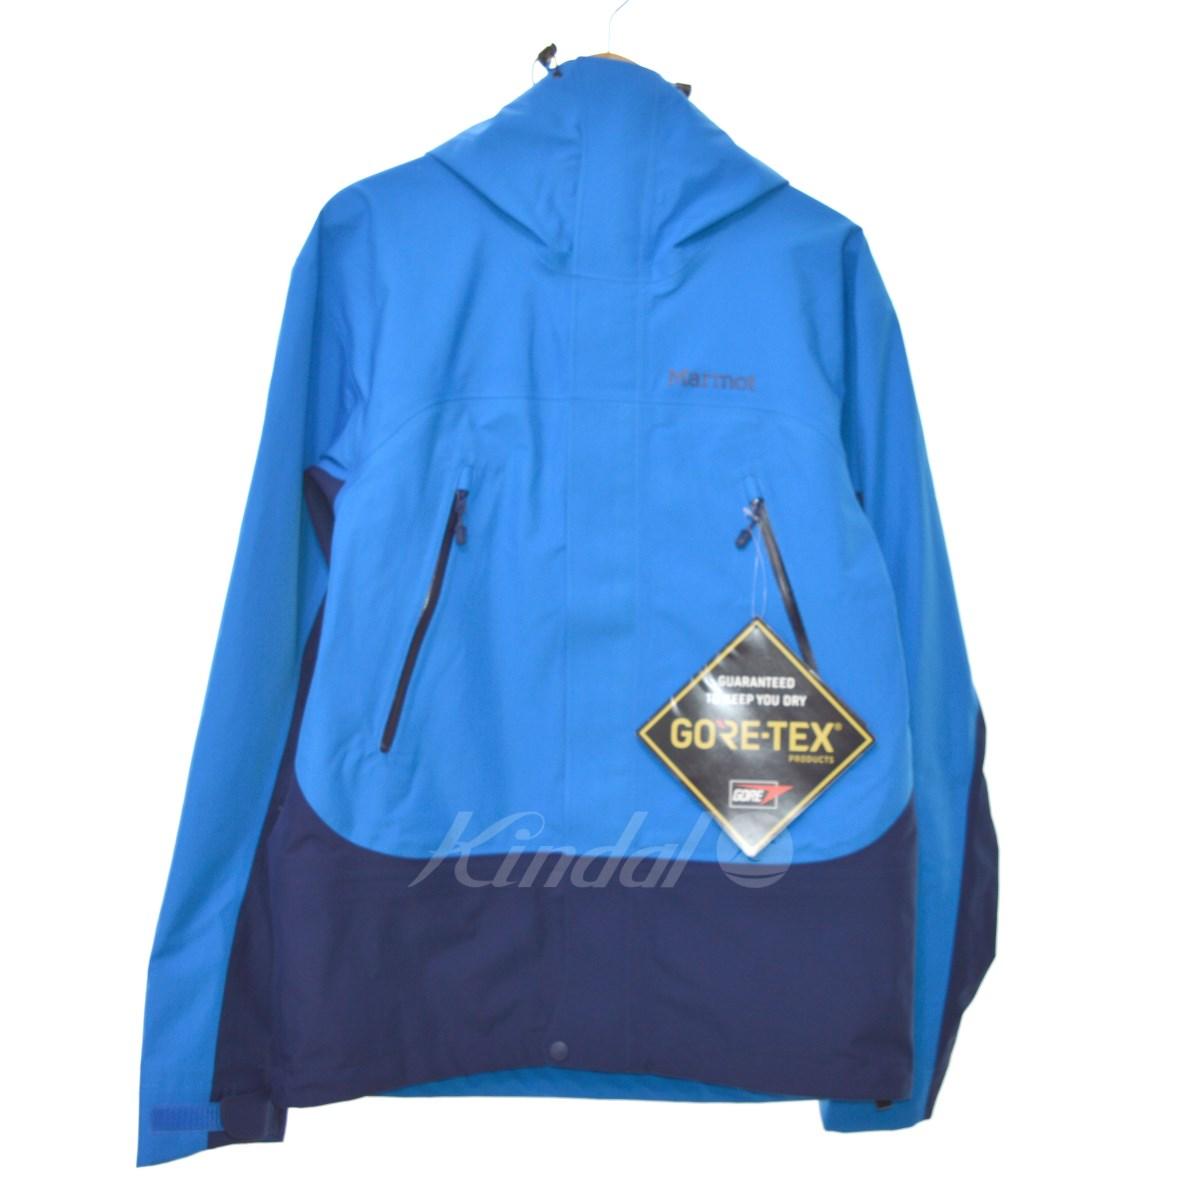 【中古】Marmot Spire Jacket/マウンテンパーカー ブルー サイズ:S 【送料無料】 【011118】(マーモット)